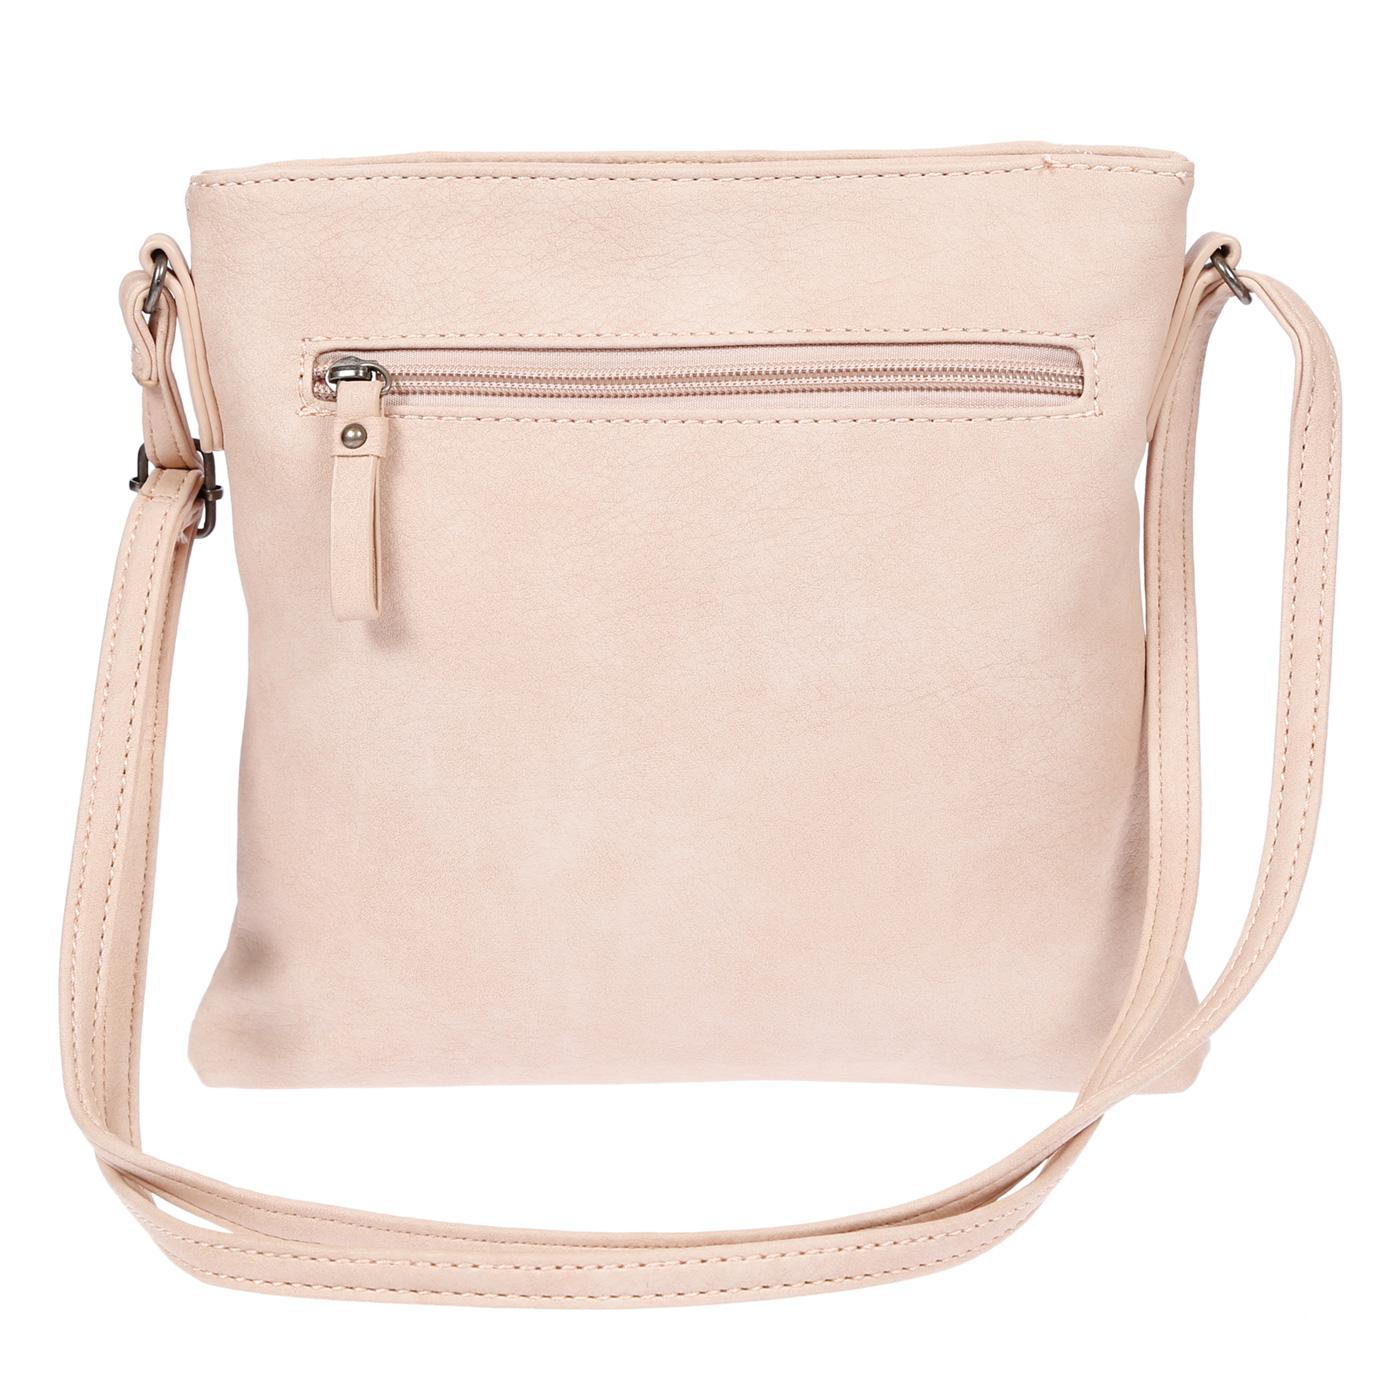 Damen-Handtasche-Umhaengetasche-Schultertasche-Tasche-Leder-Optik-Schwarz-Weiss Indexbild 26